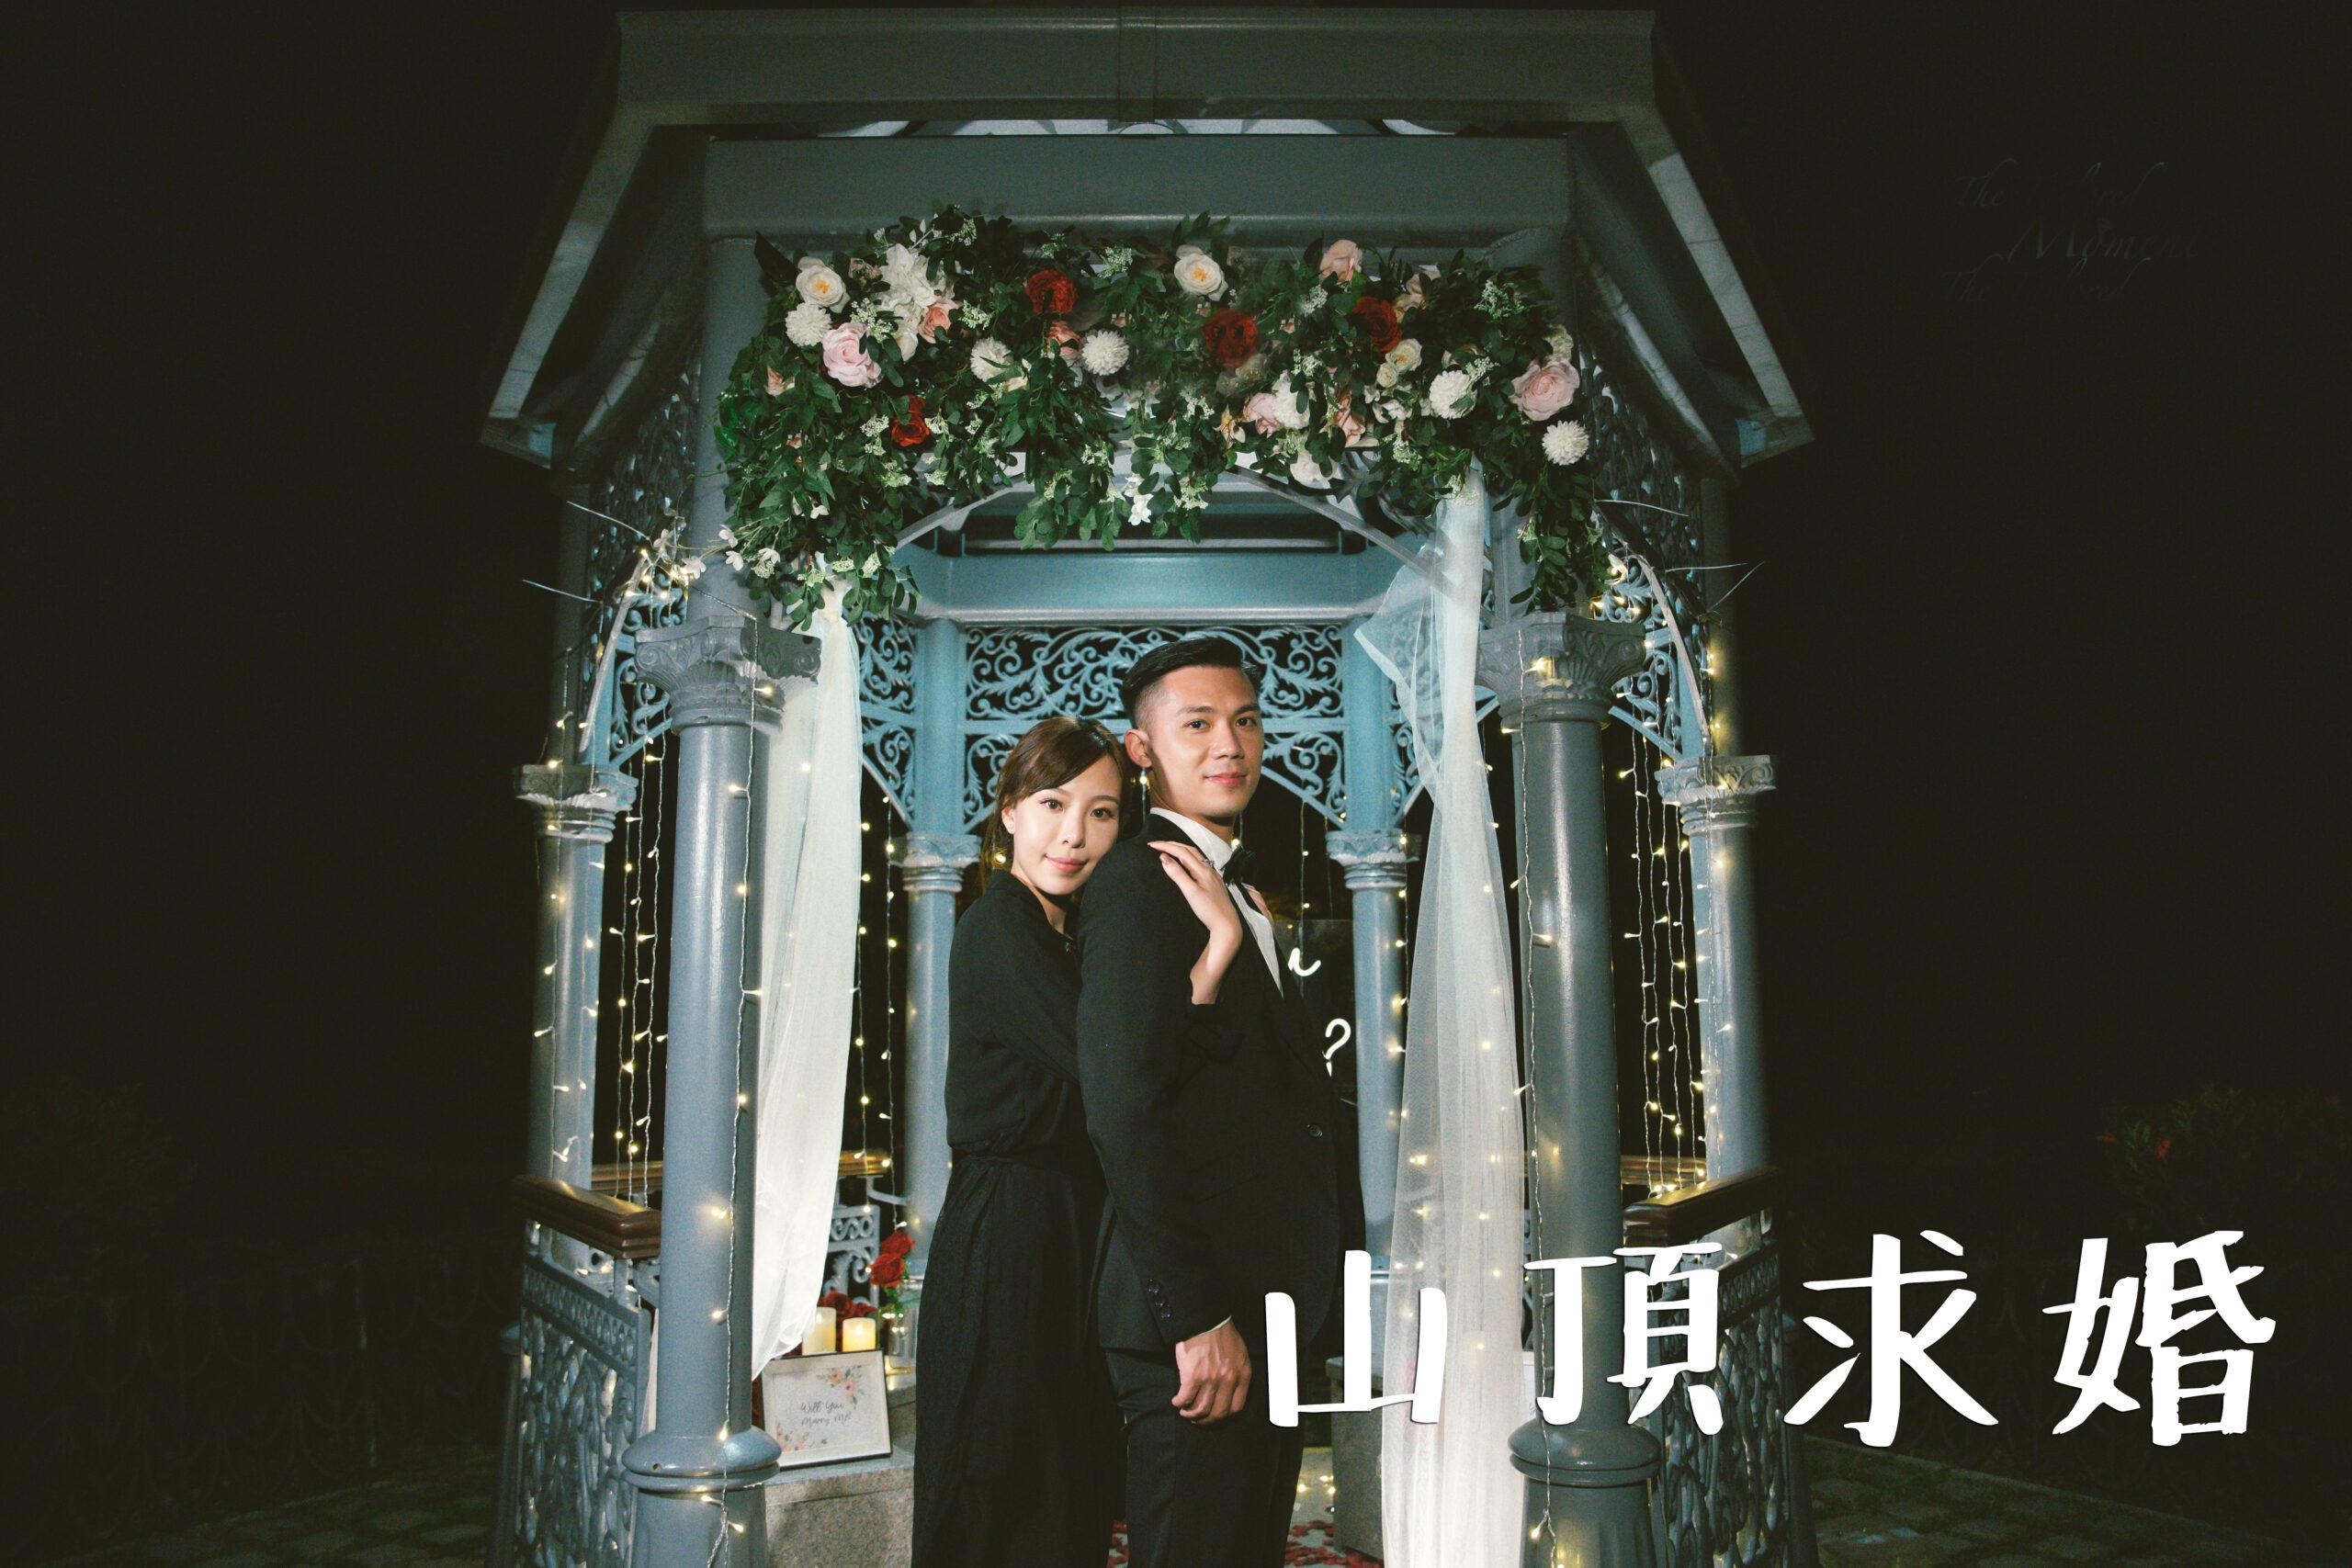 香港專業求婚策劃影片